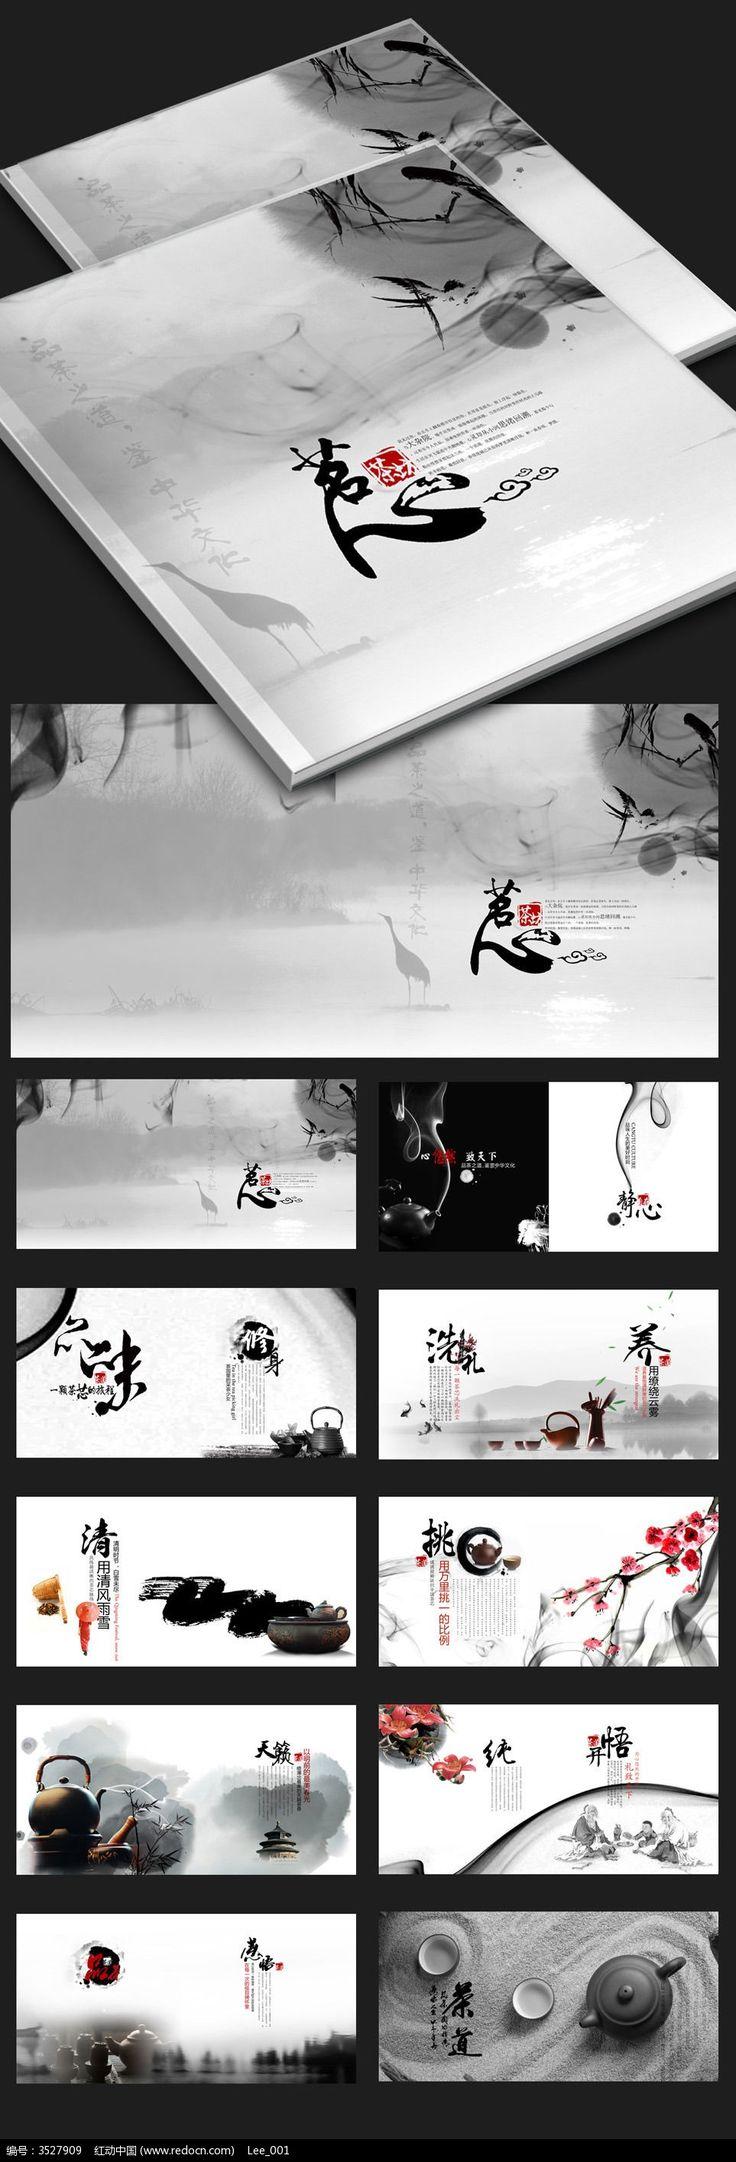 茶道画册 中国风茶叶宣传画册设计模板下载(编号:3527909)